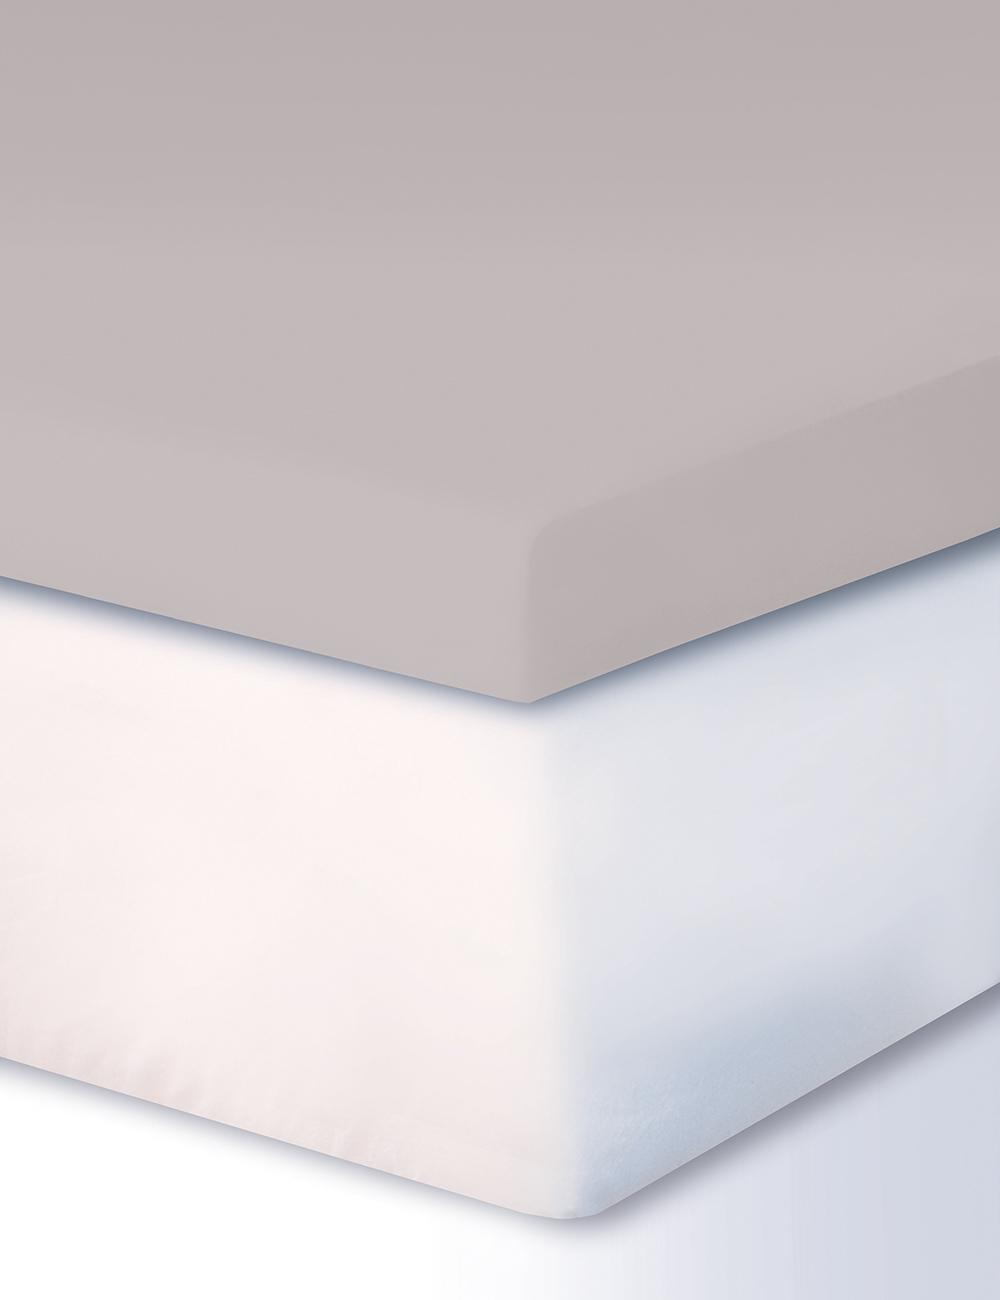 drap housse pour surmatelas boxspring 90 100 x 200 cm gris. Black Bedroom Furniture Sets. Home Design Ideas